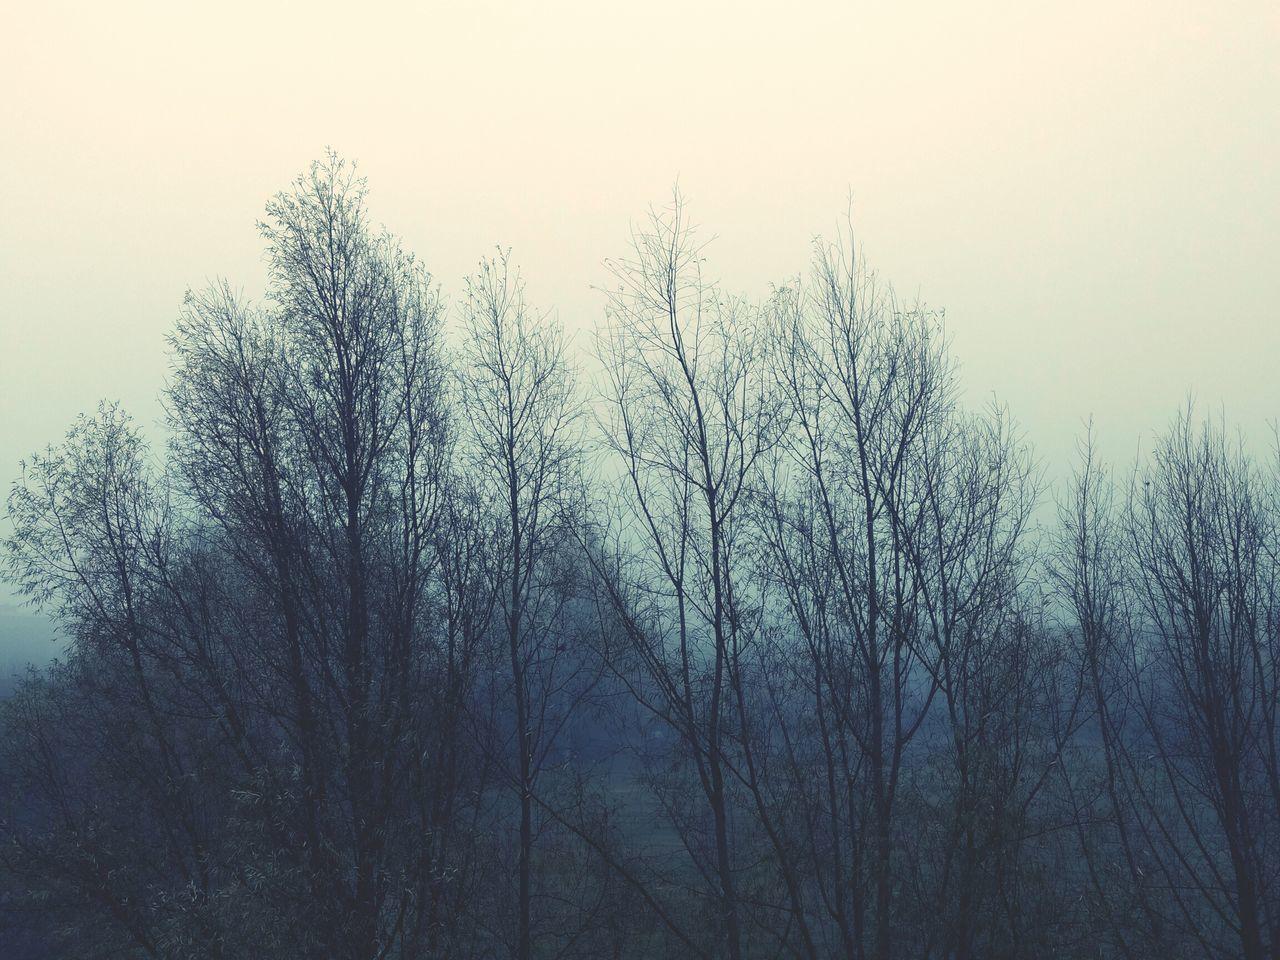 Fog Foggy Morning Autumn Cloudy Fall